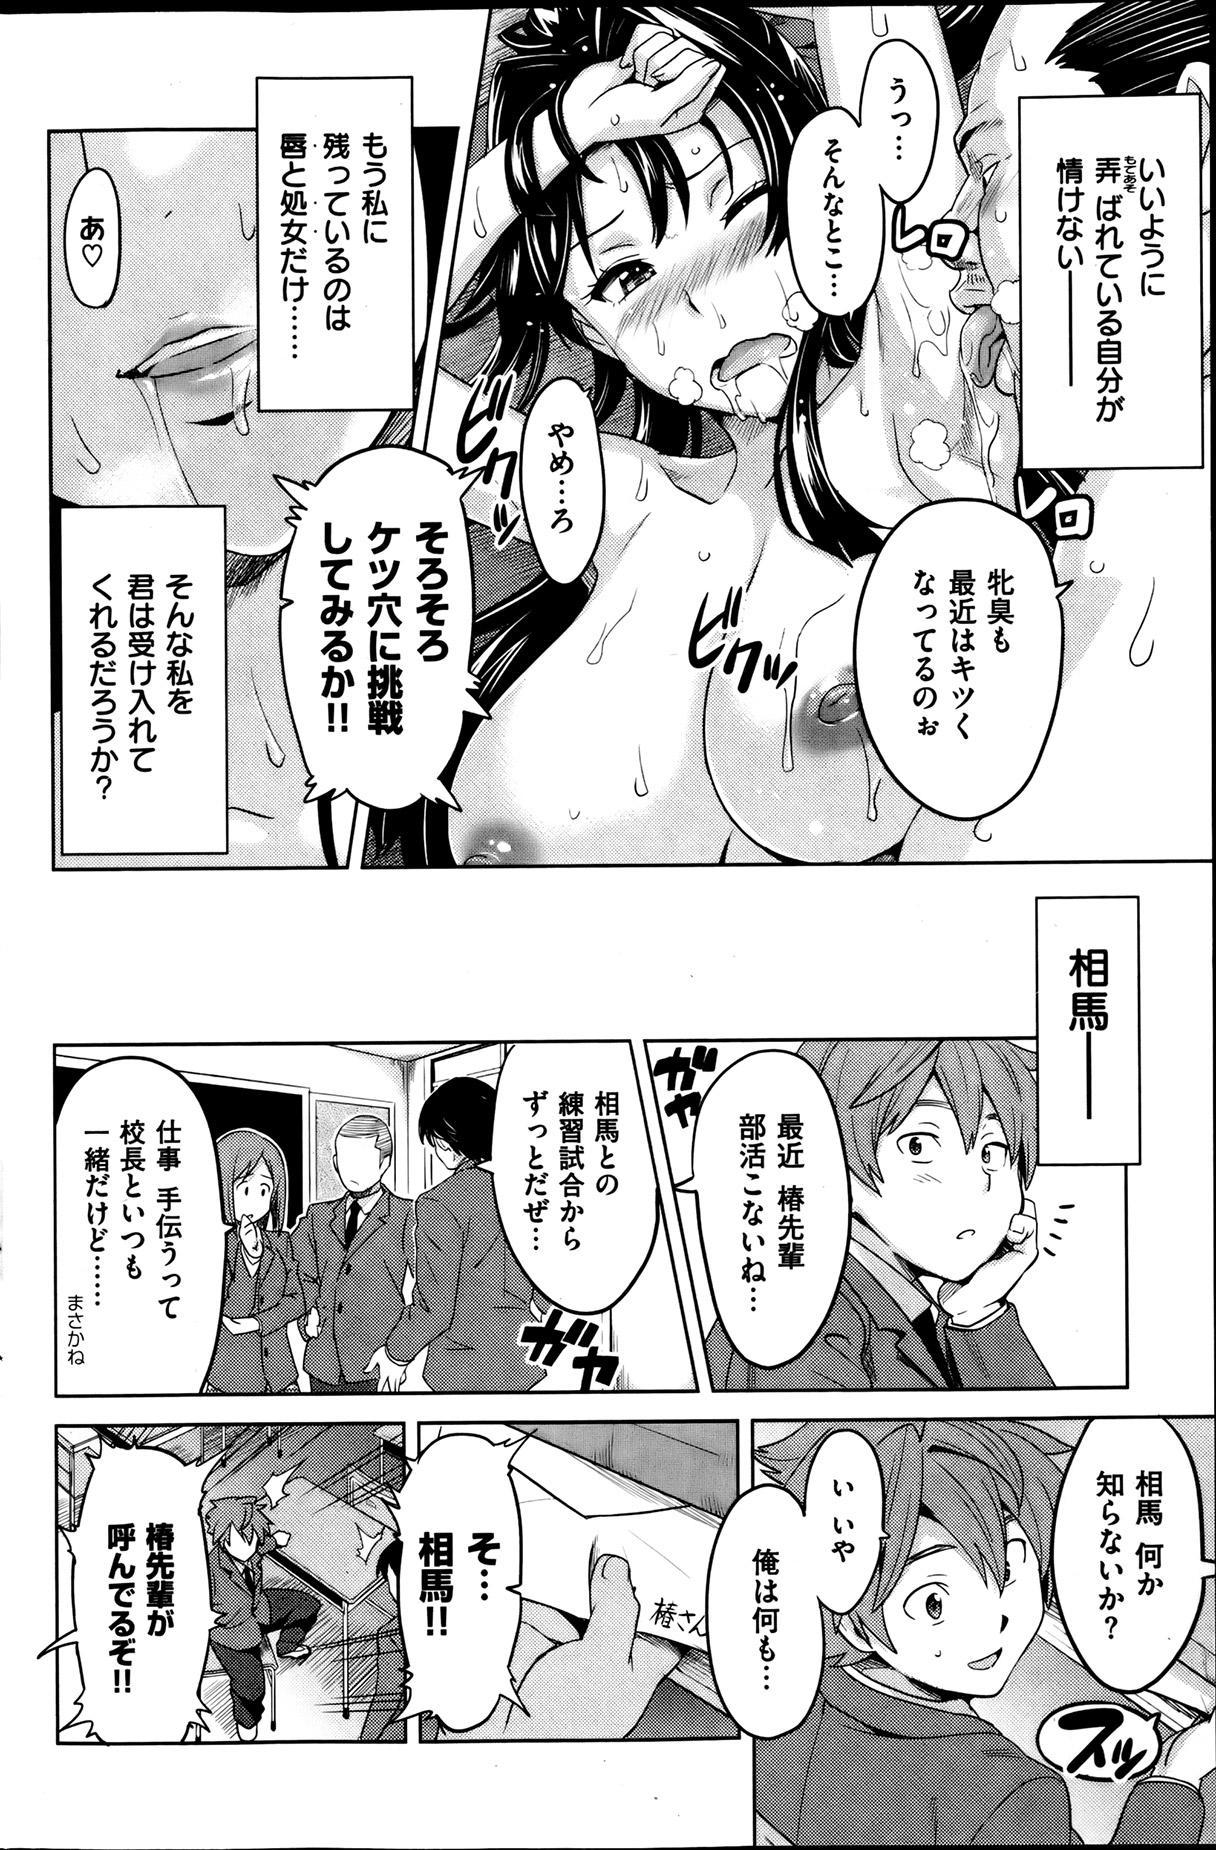 COMIC HANA-MAN 2013-08 Takeda Hiromitsu Tokushuu 115